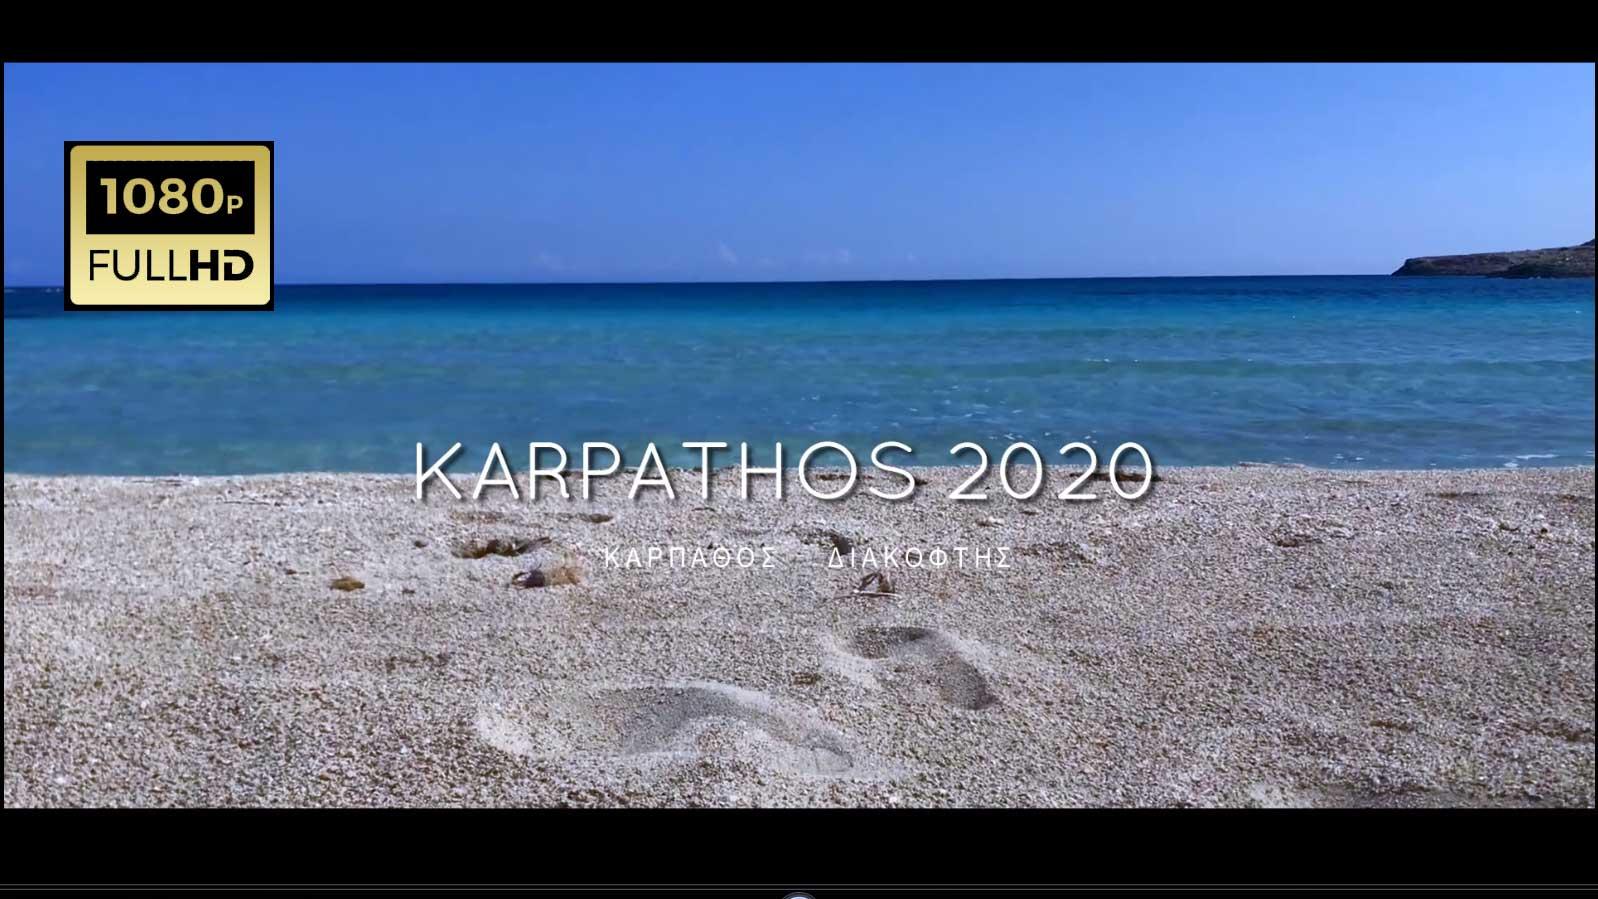 Κάρπαθος 2020 - Παραλίες δίχως ομπρέλες λόγω κορωνοϊού - Διακόφτης